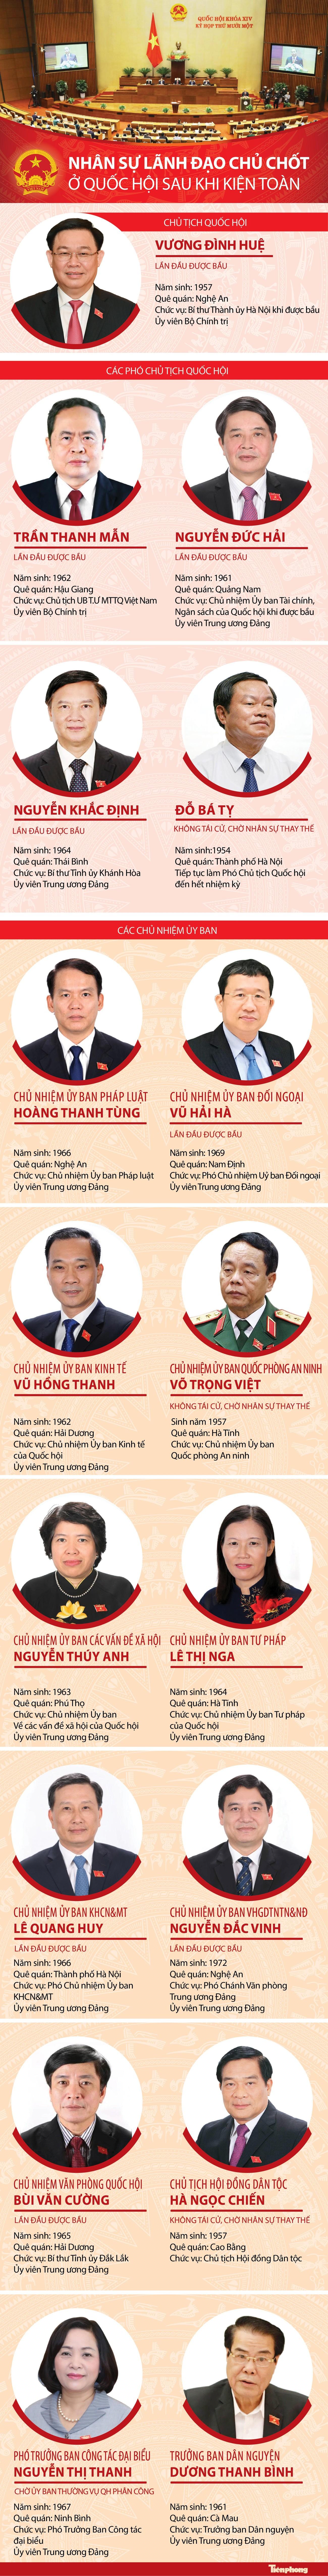 Lãnh đạo Quốc hội và các uỷ ban sau kiện toàn ảnh 1